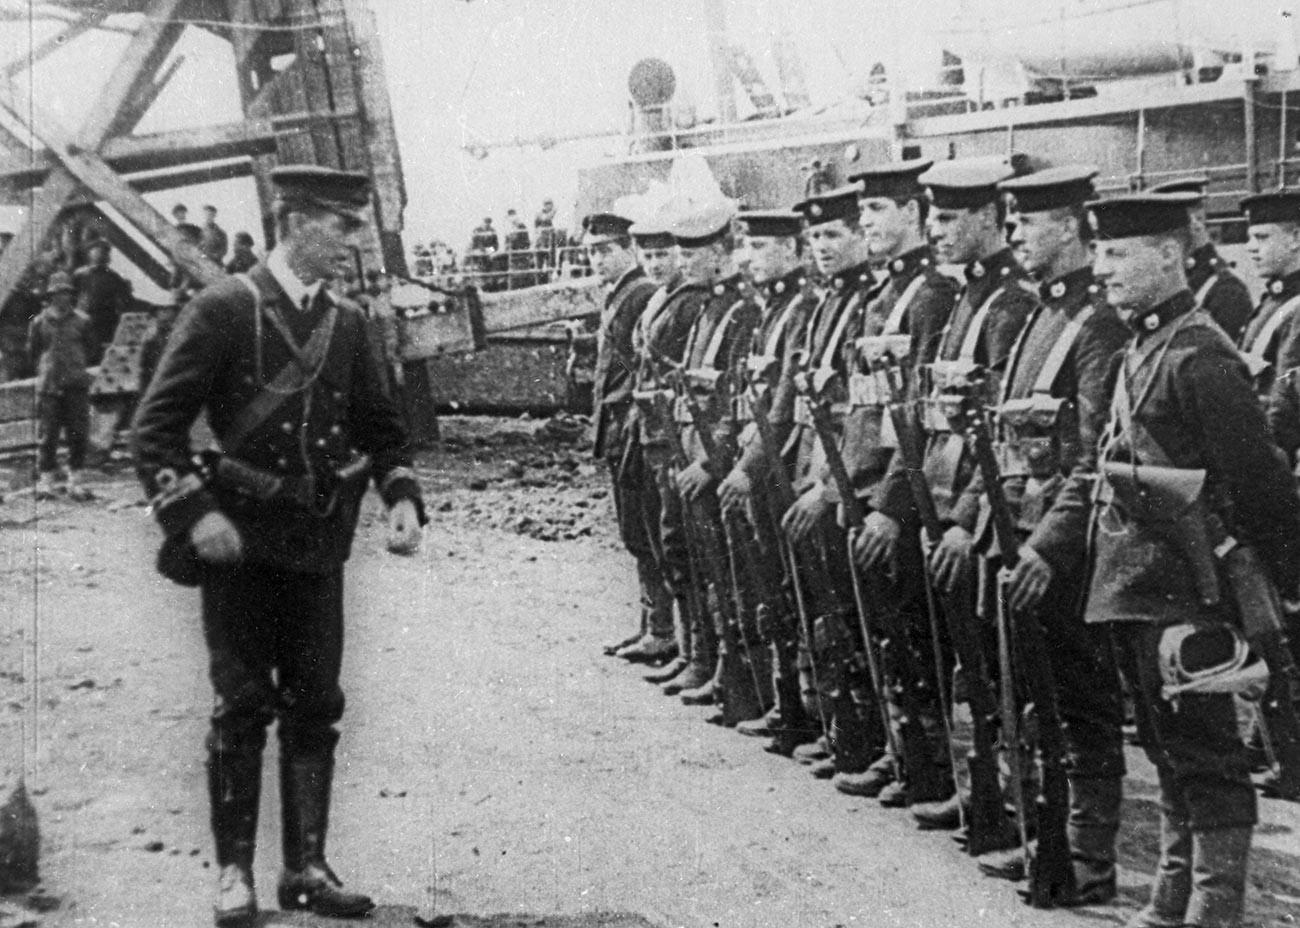 Tuja intervencija v Rusiji (1918-1921). Francoski interventi v Odesi. Marec, 1919.